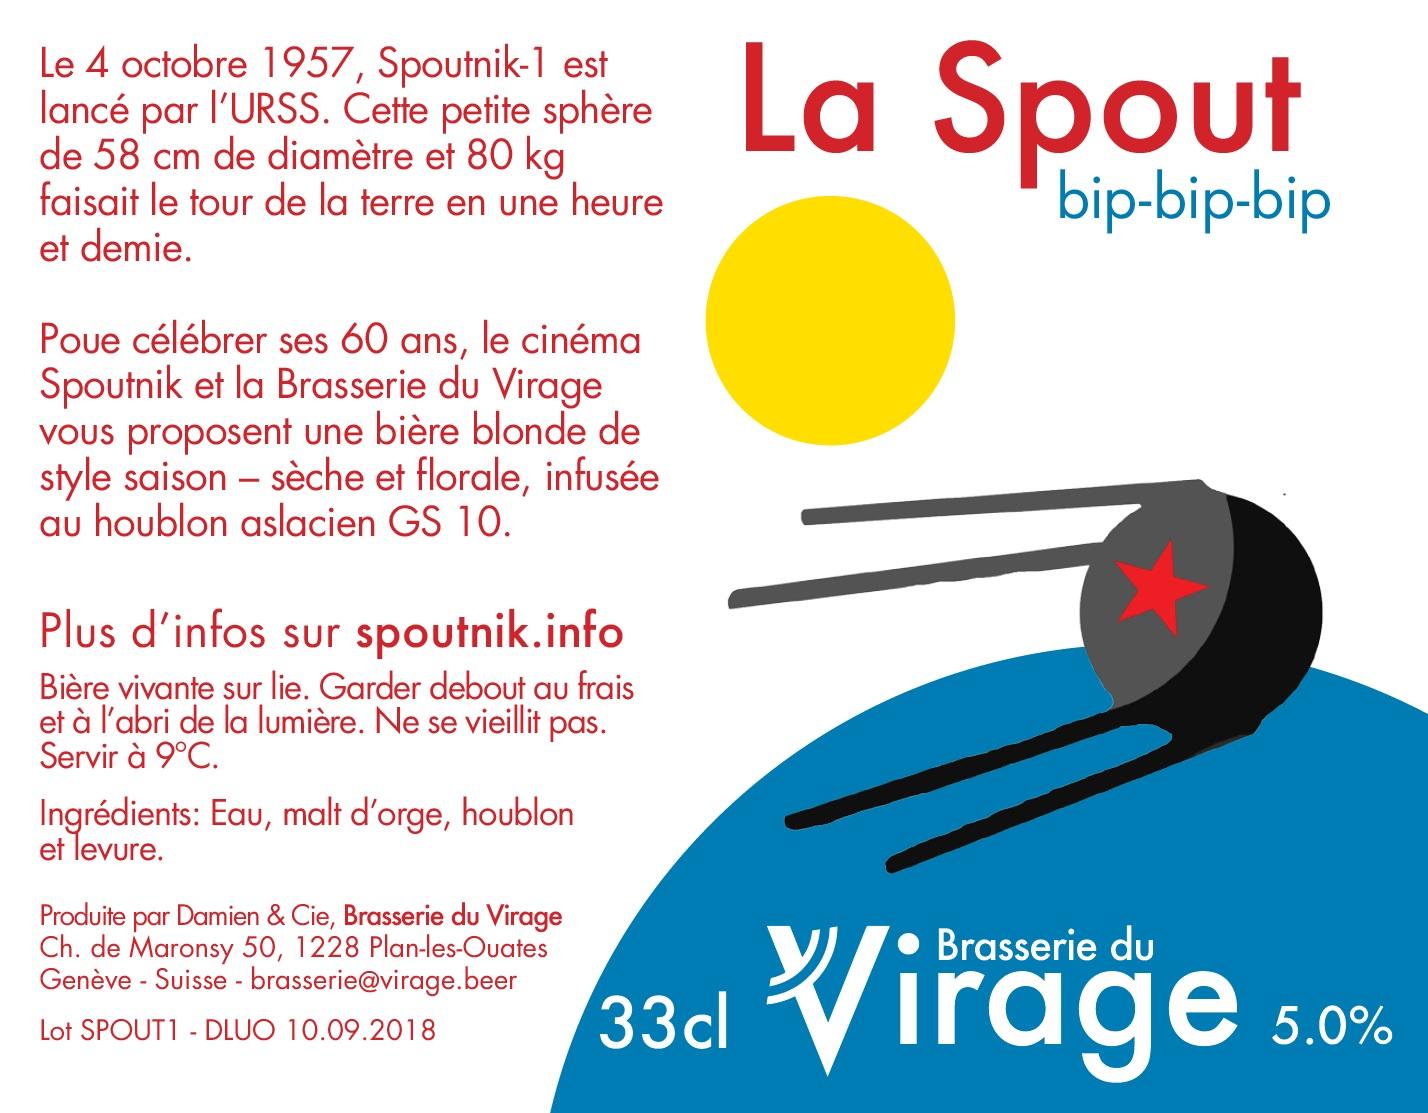 brasserie du virage La Spout cinéma spoutnik